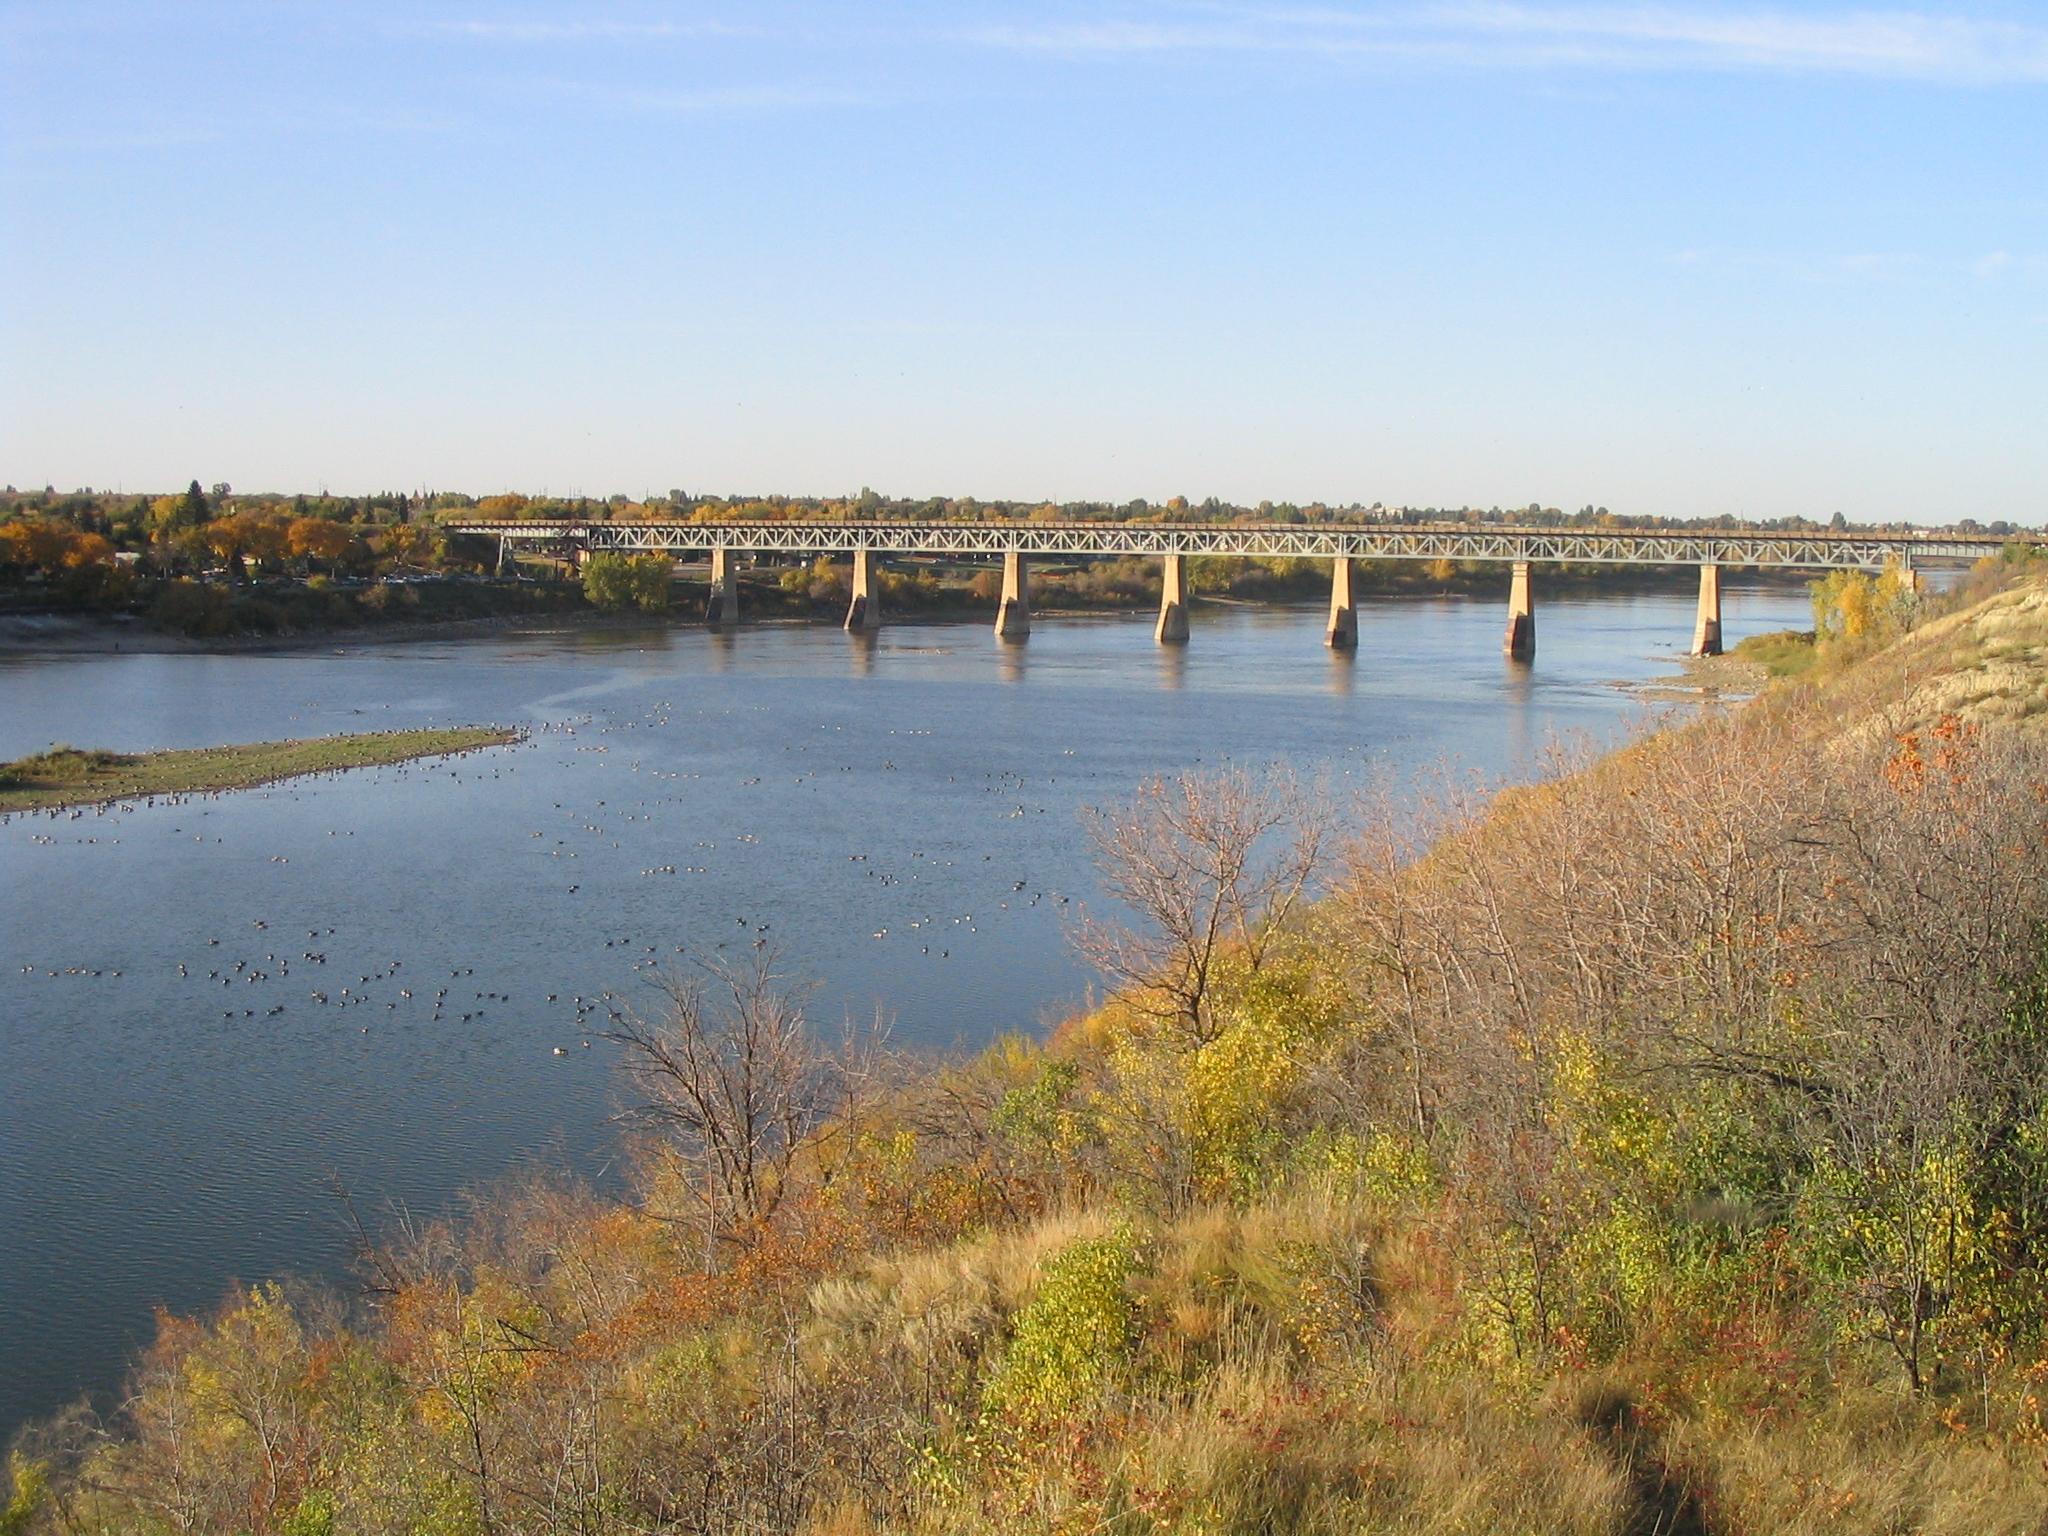 Description saskatchewan river bridge